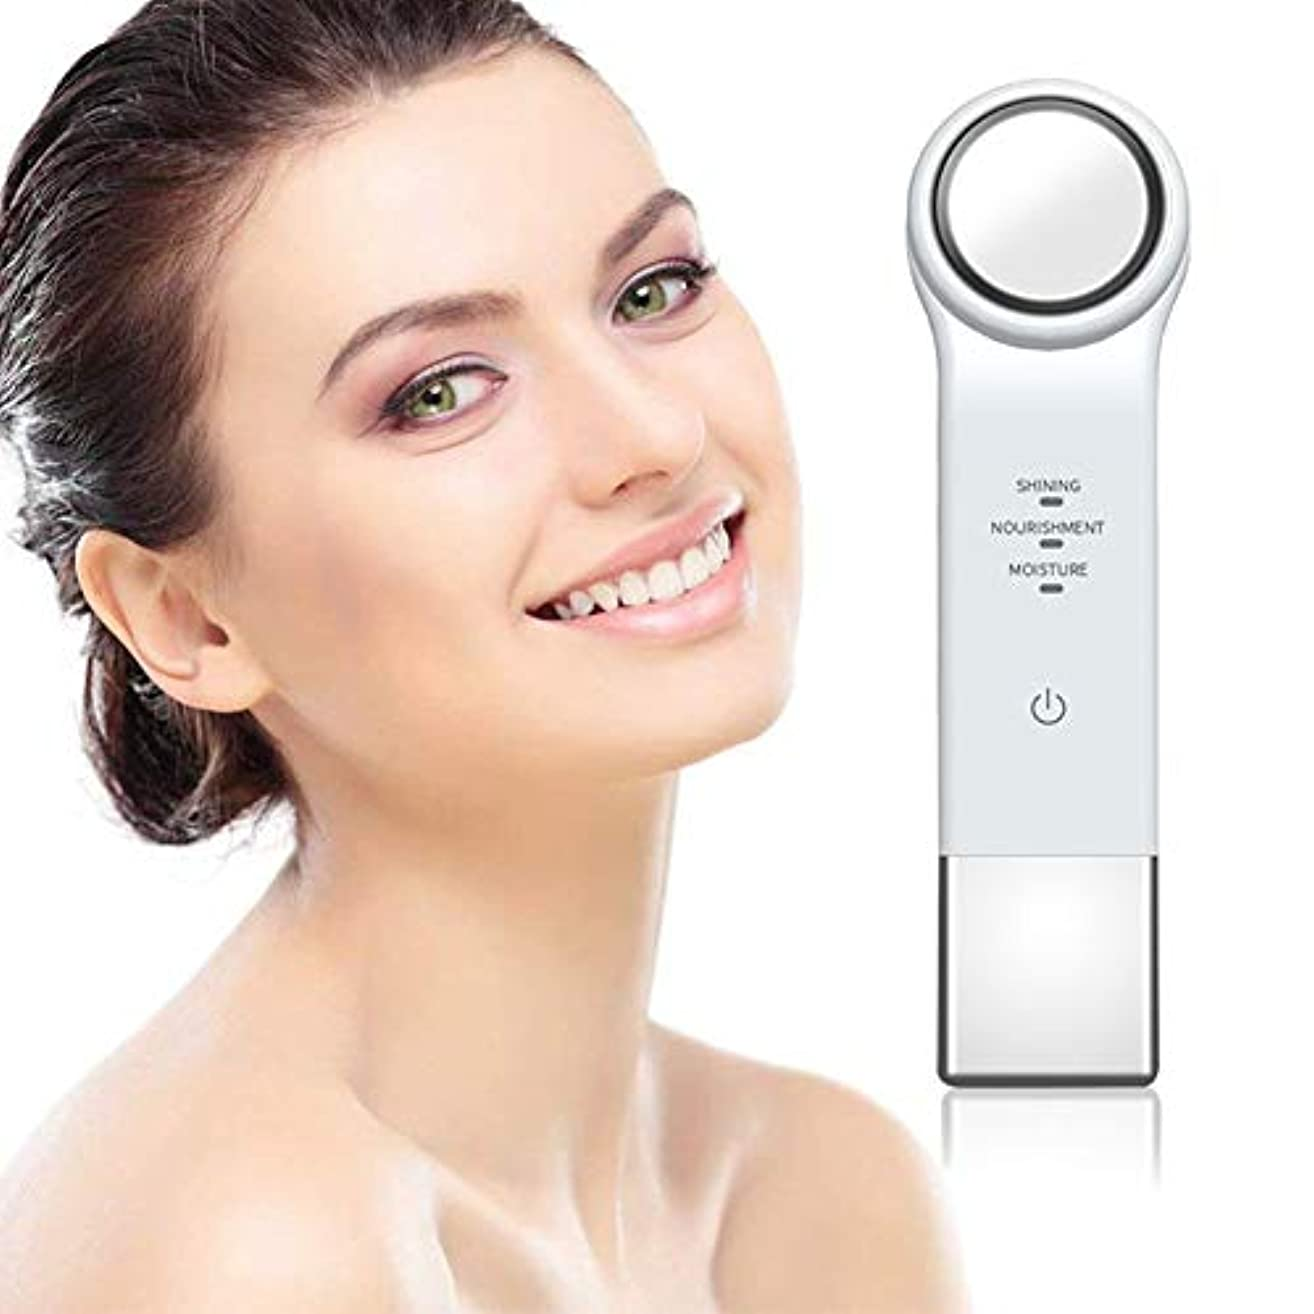 差し迫った項目属するフェイシャルフェイスマッサージ、USB充電多機能センシングエリアイオン美容機器 - アイ/フェイスナーシングエレクトリッククレンジング楽器